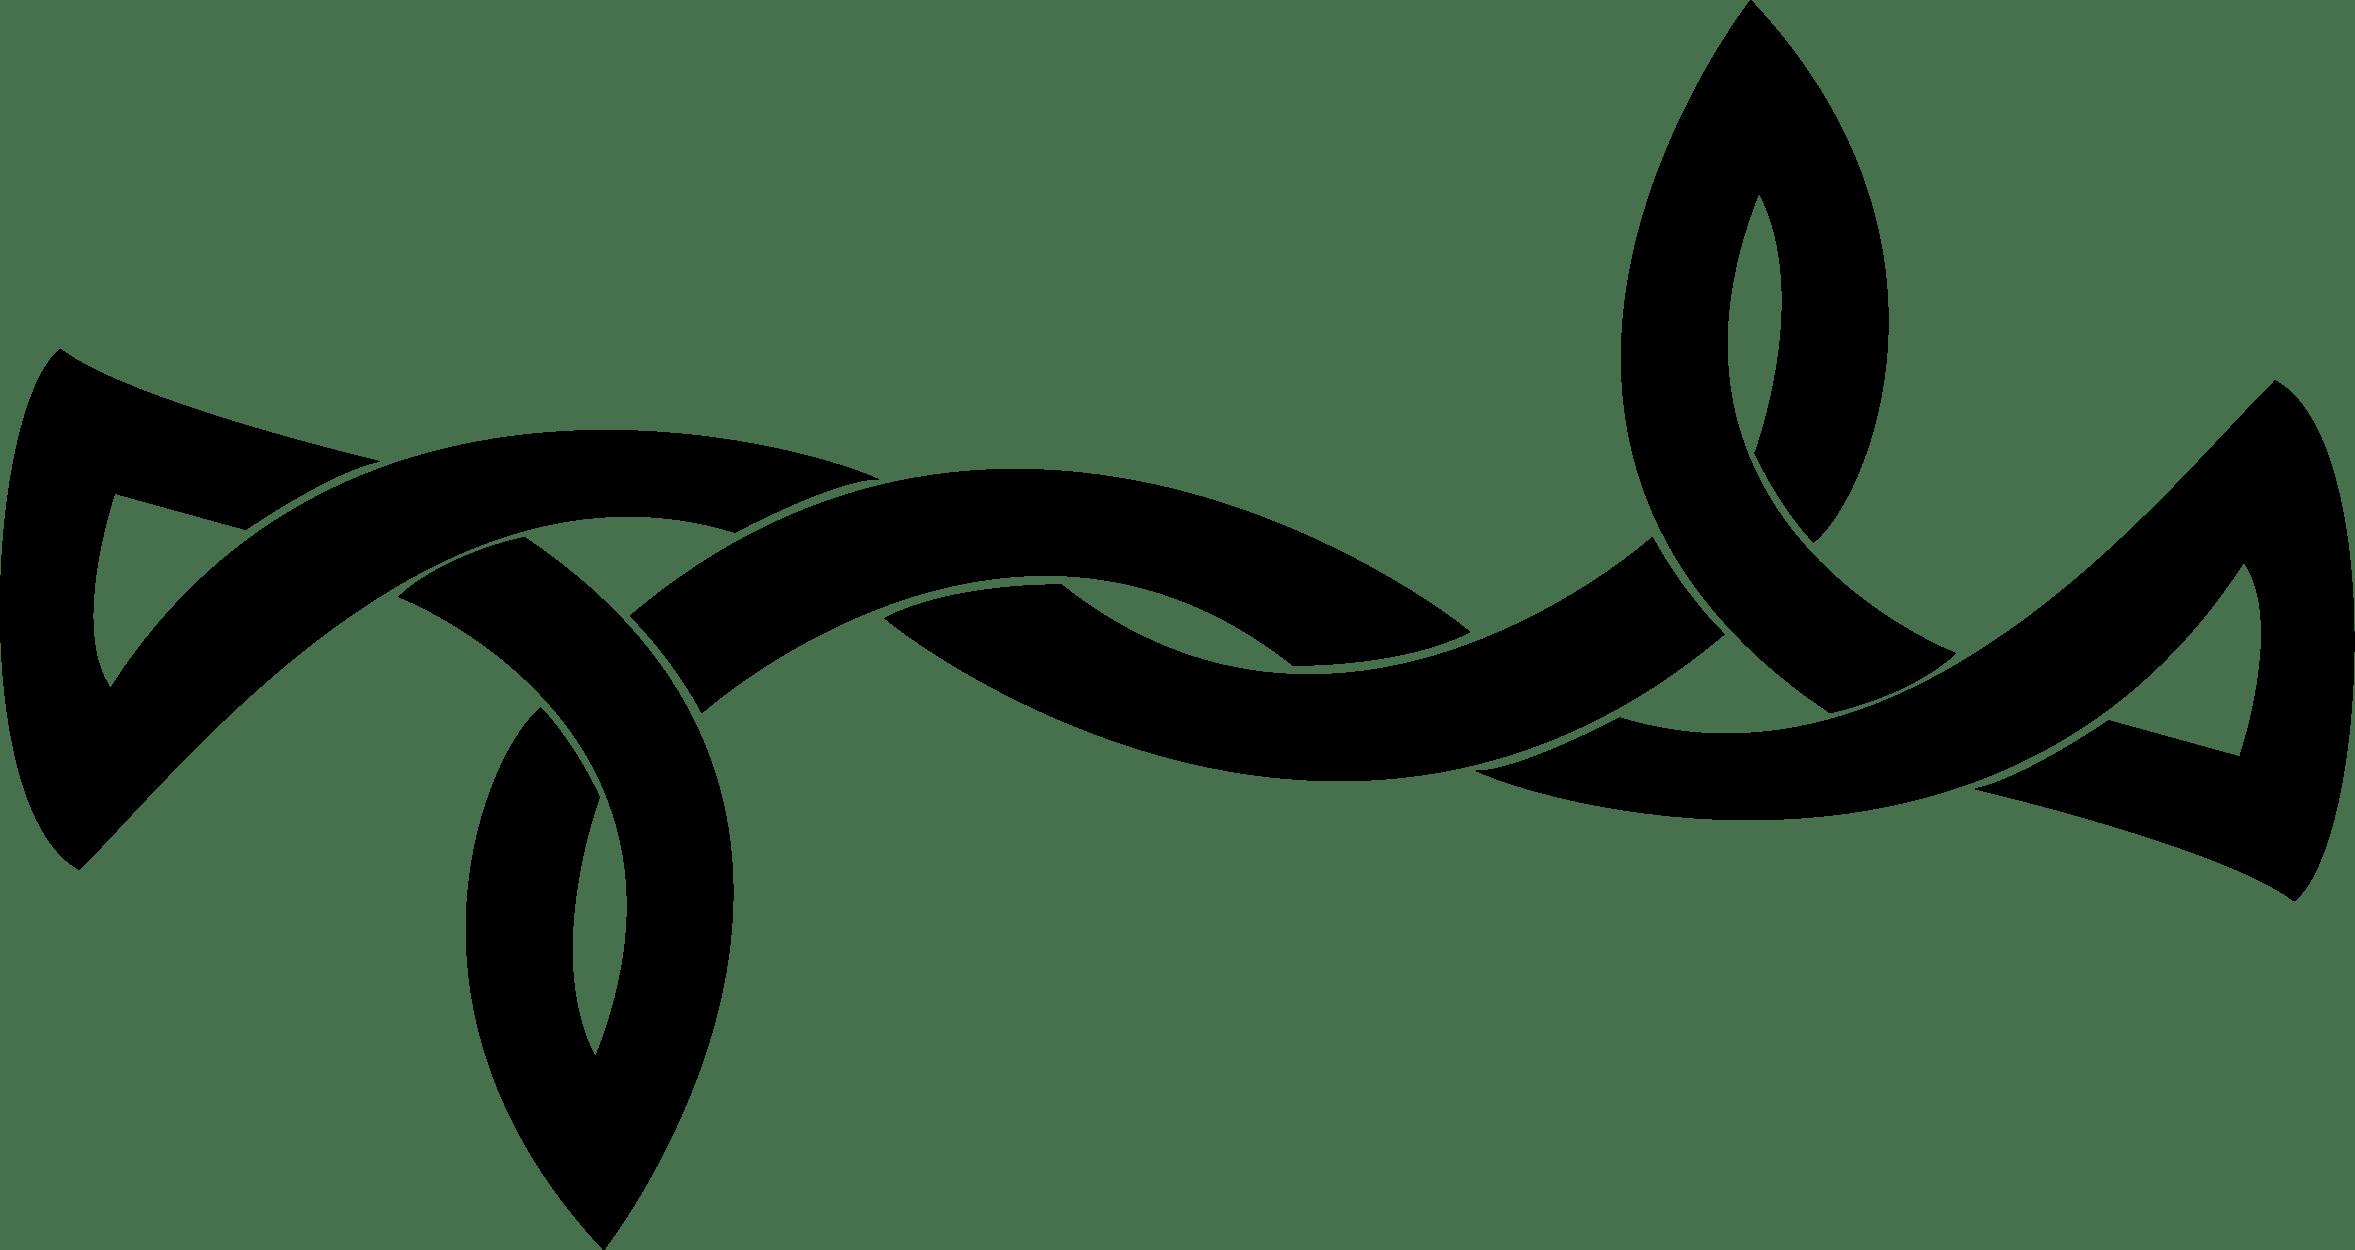 Celtic Knot clipart transparent Celtic StickPNG transparent Knot PNG